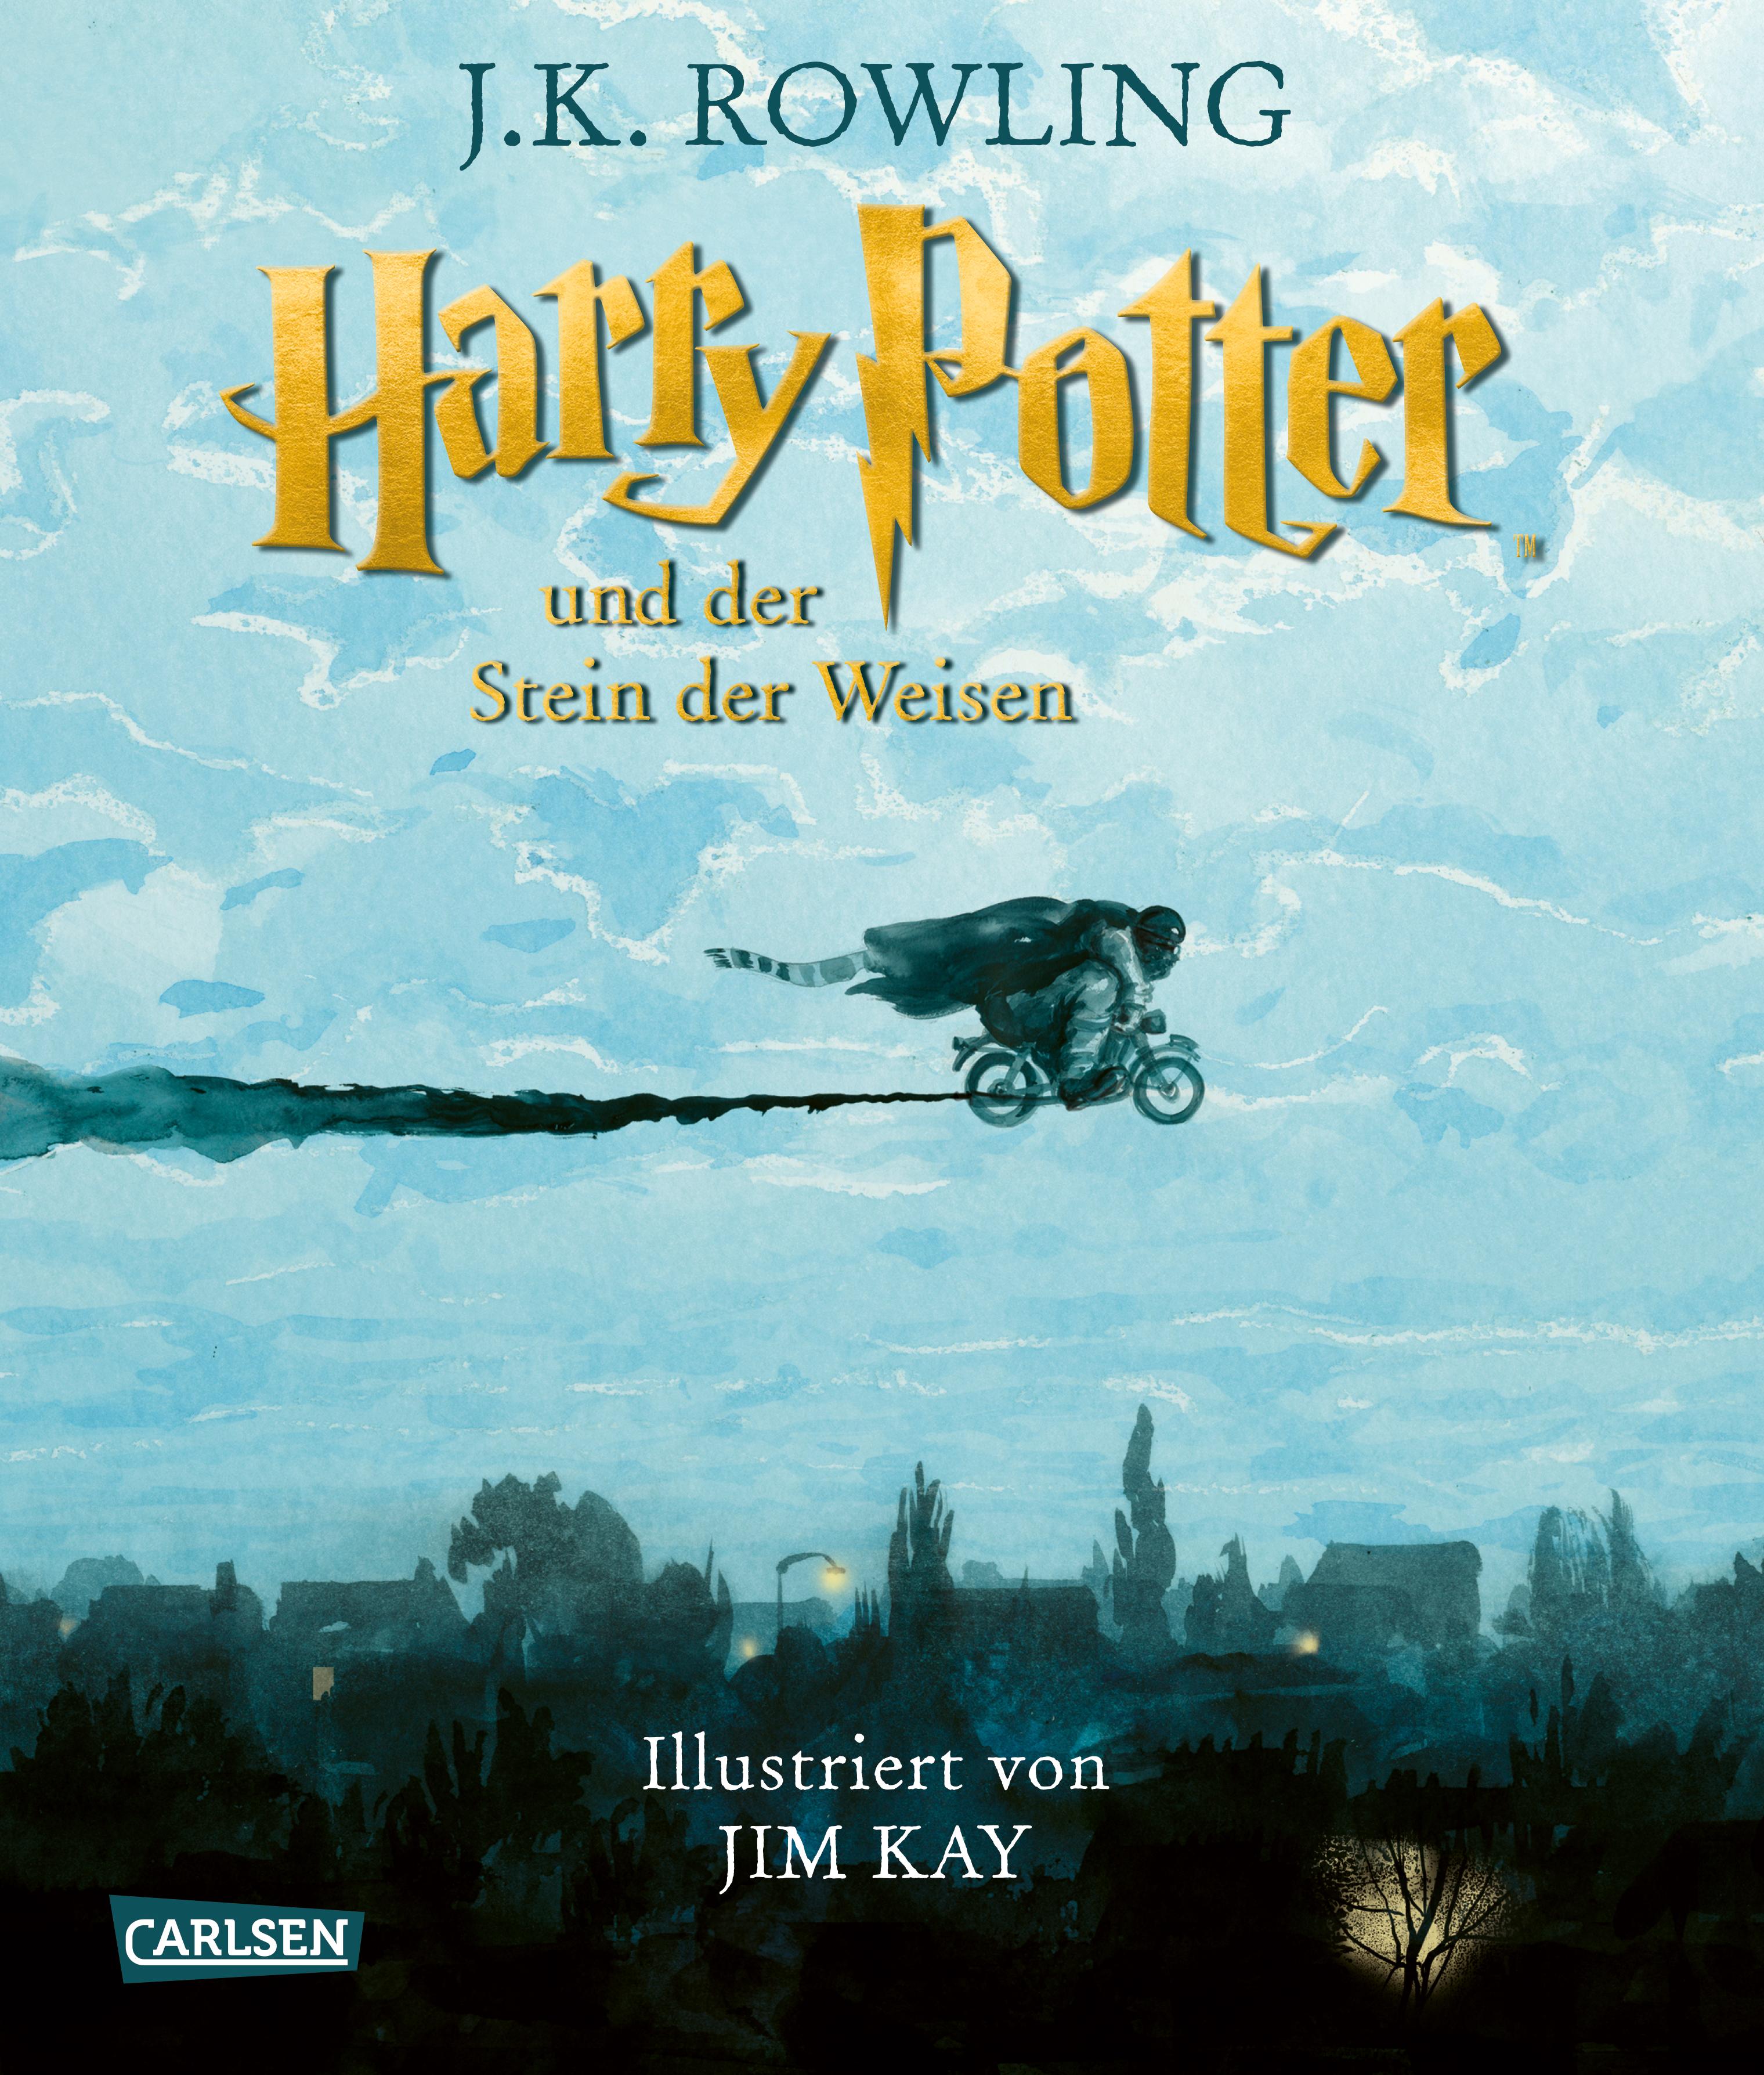 PS-Cover DE IllustratedPaperback.jpg